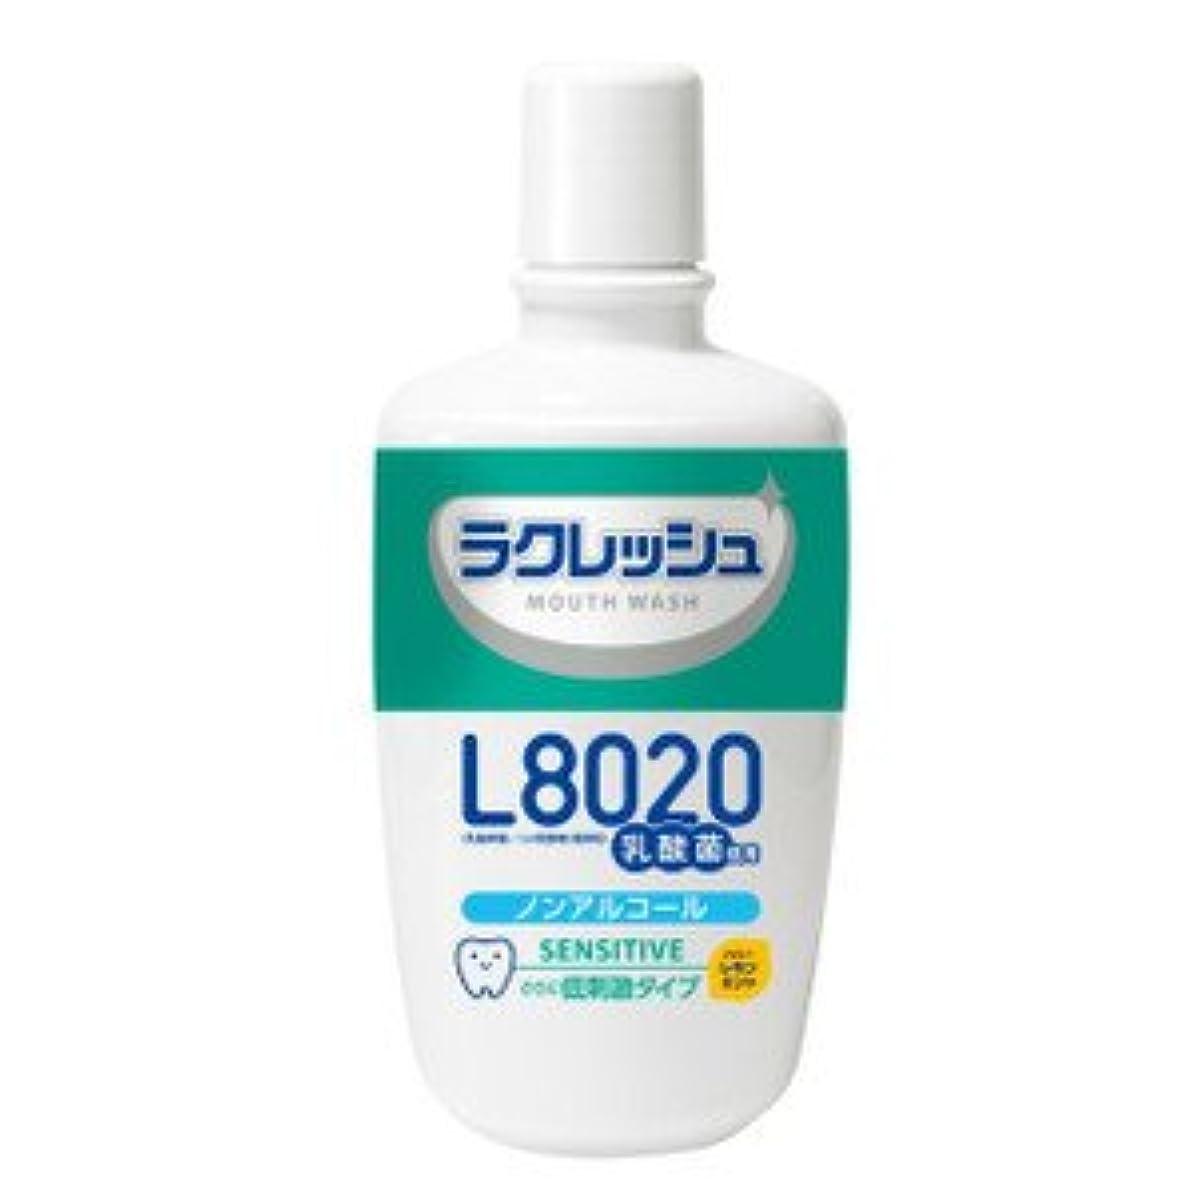 傾向があるコンベンションインゲンジェクス ラクレッシュ L8020乳酸菌 マウスウォッシュ 洗口液センシティブタイプ 300ml×10個セット